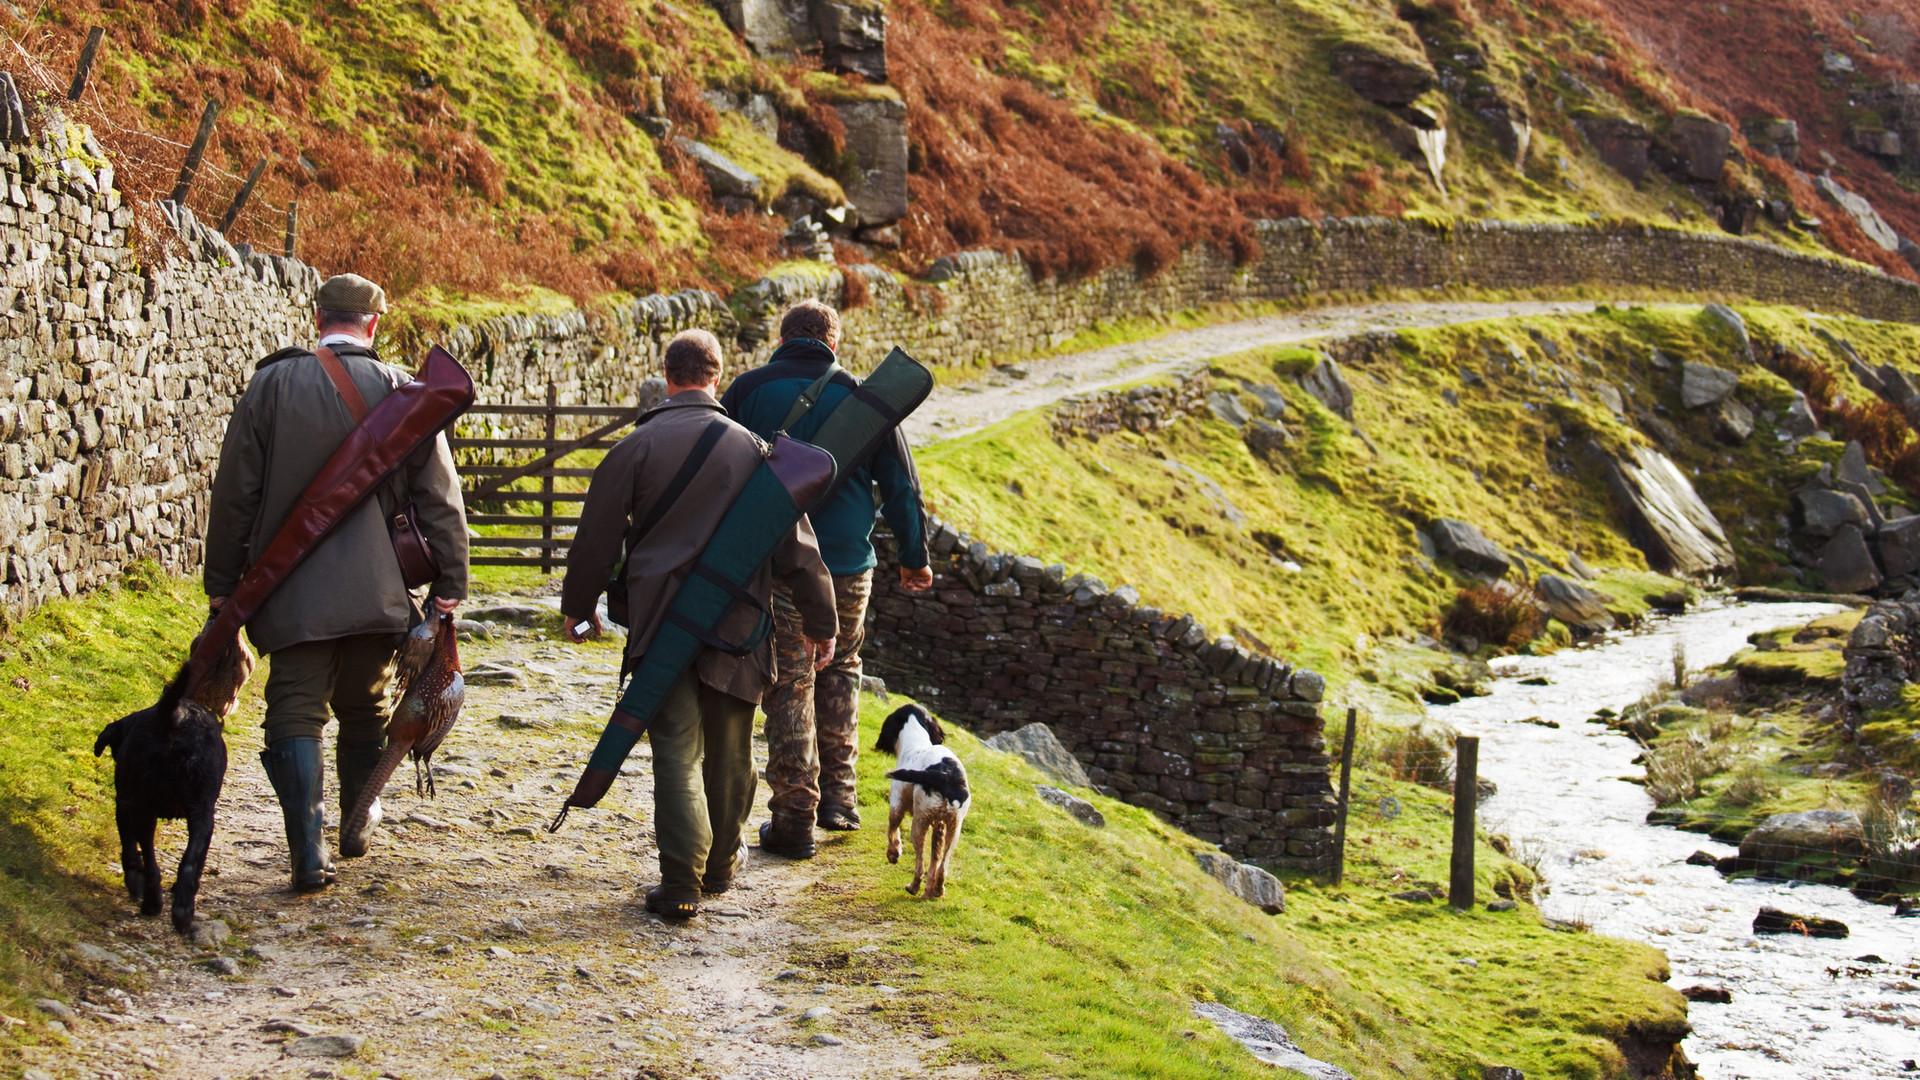 男人與狗打獵